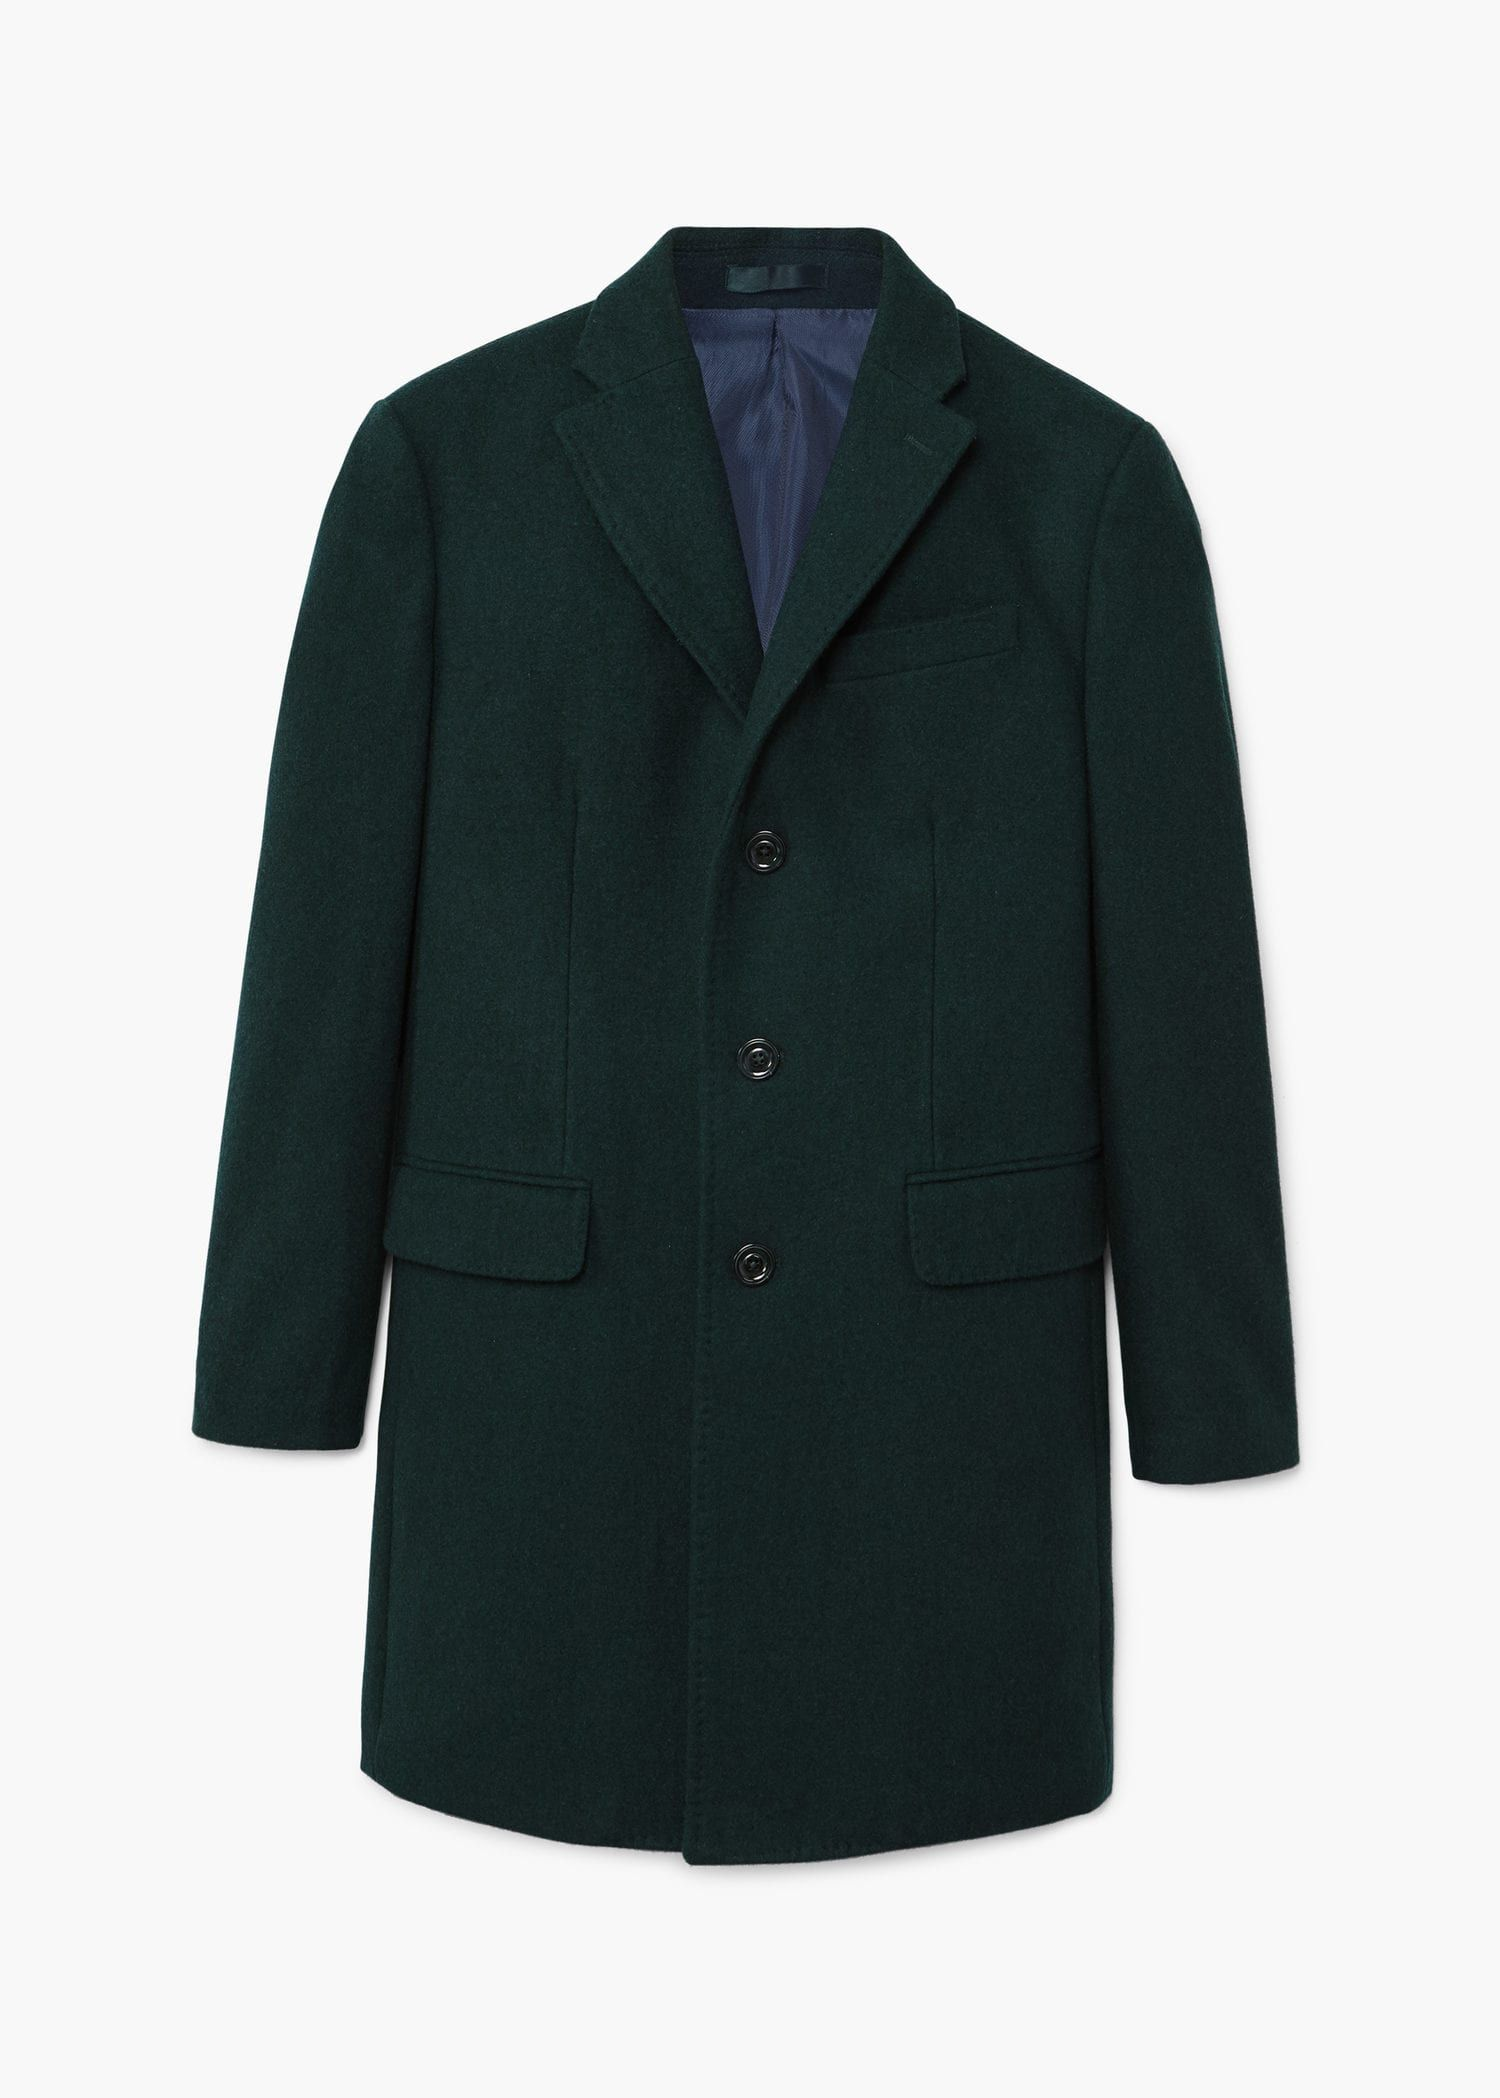 Abrigo lana estructurado - Hombre  746fb50dbe4